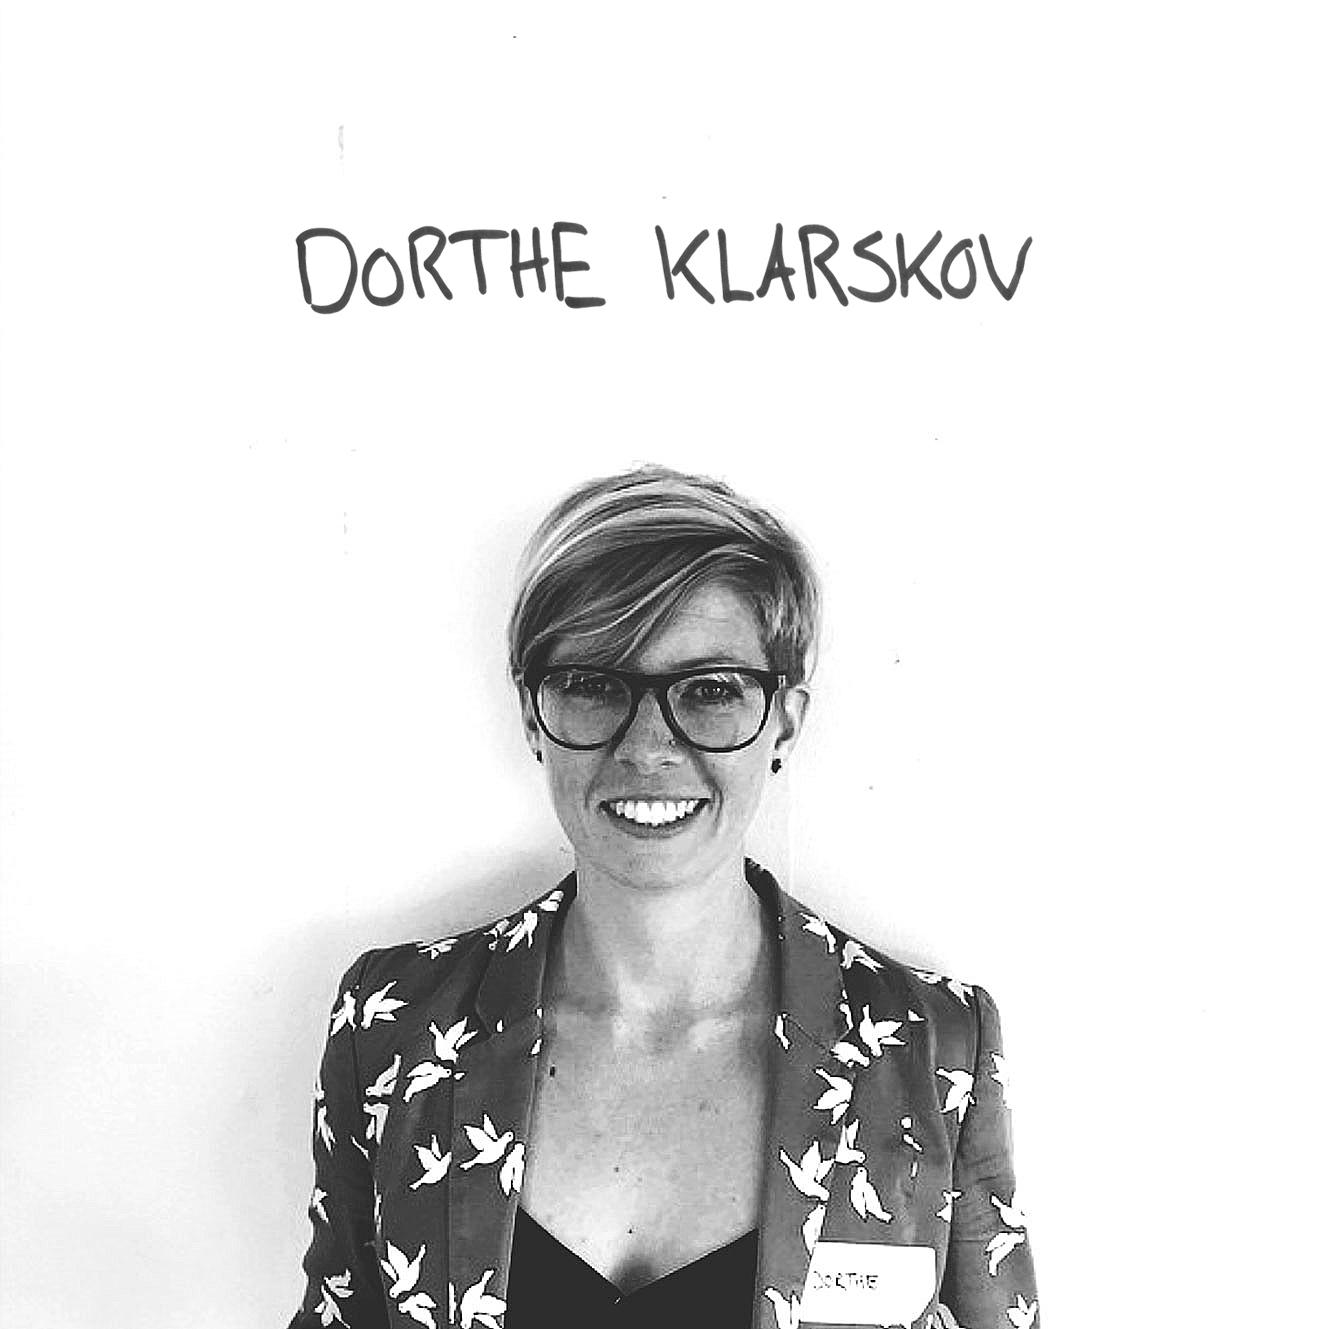 DORTHE KLARSKOV